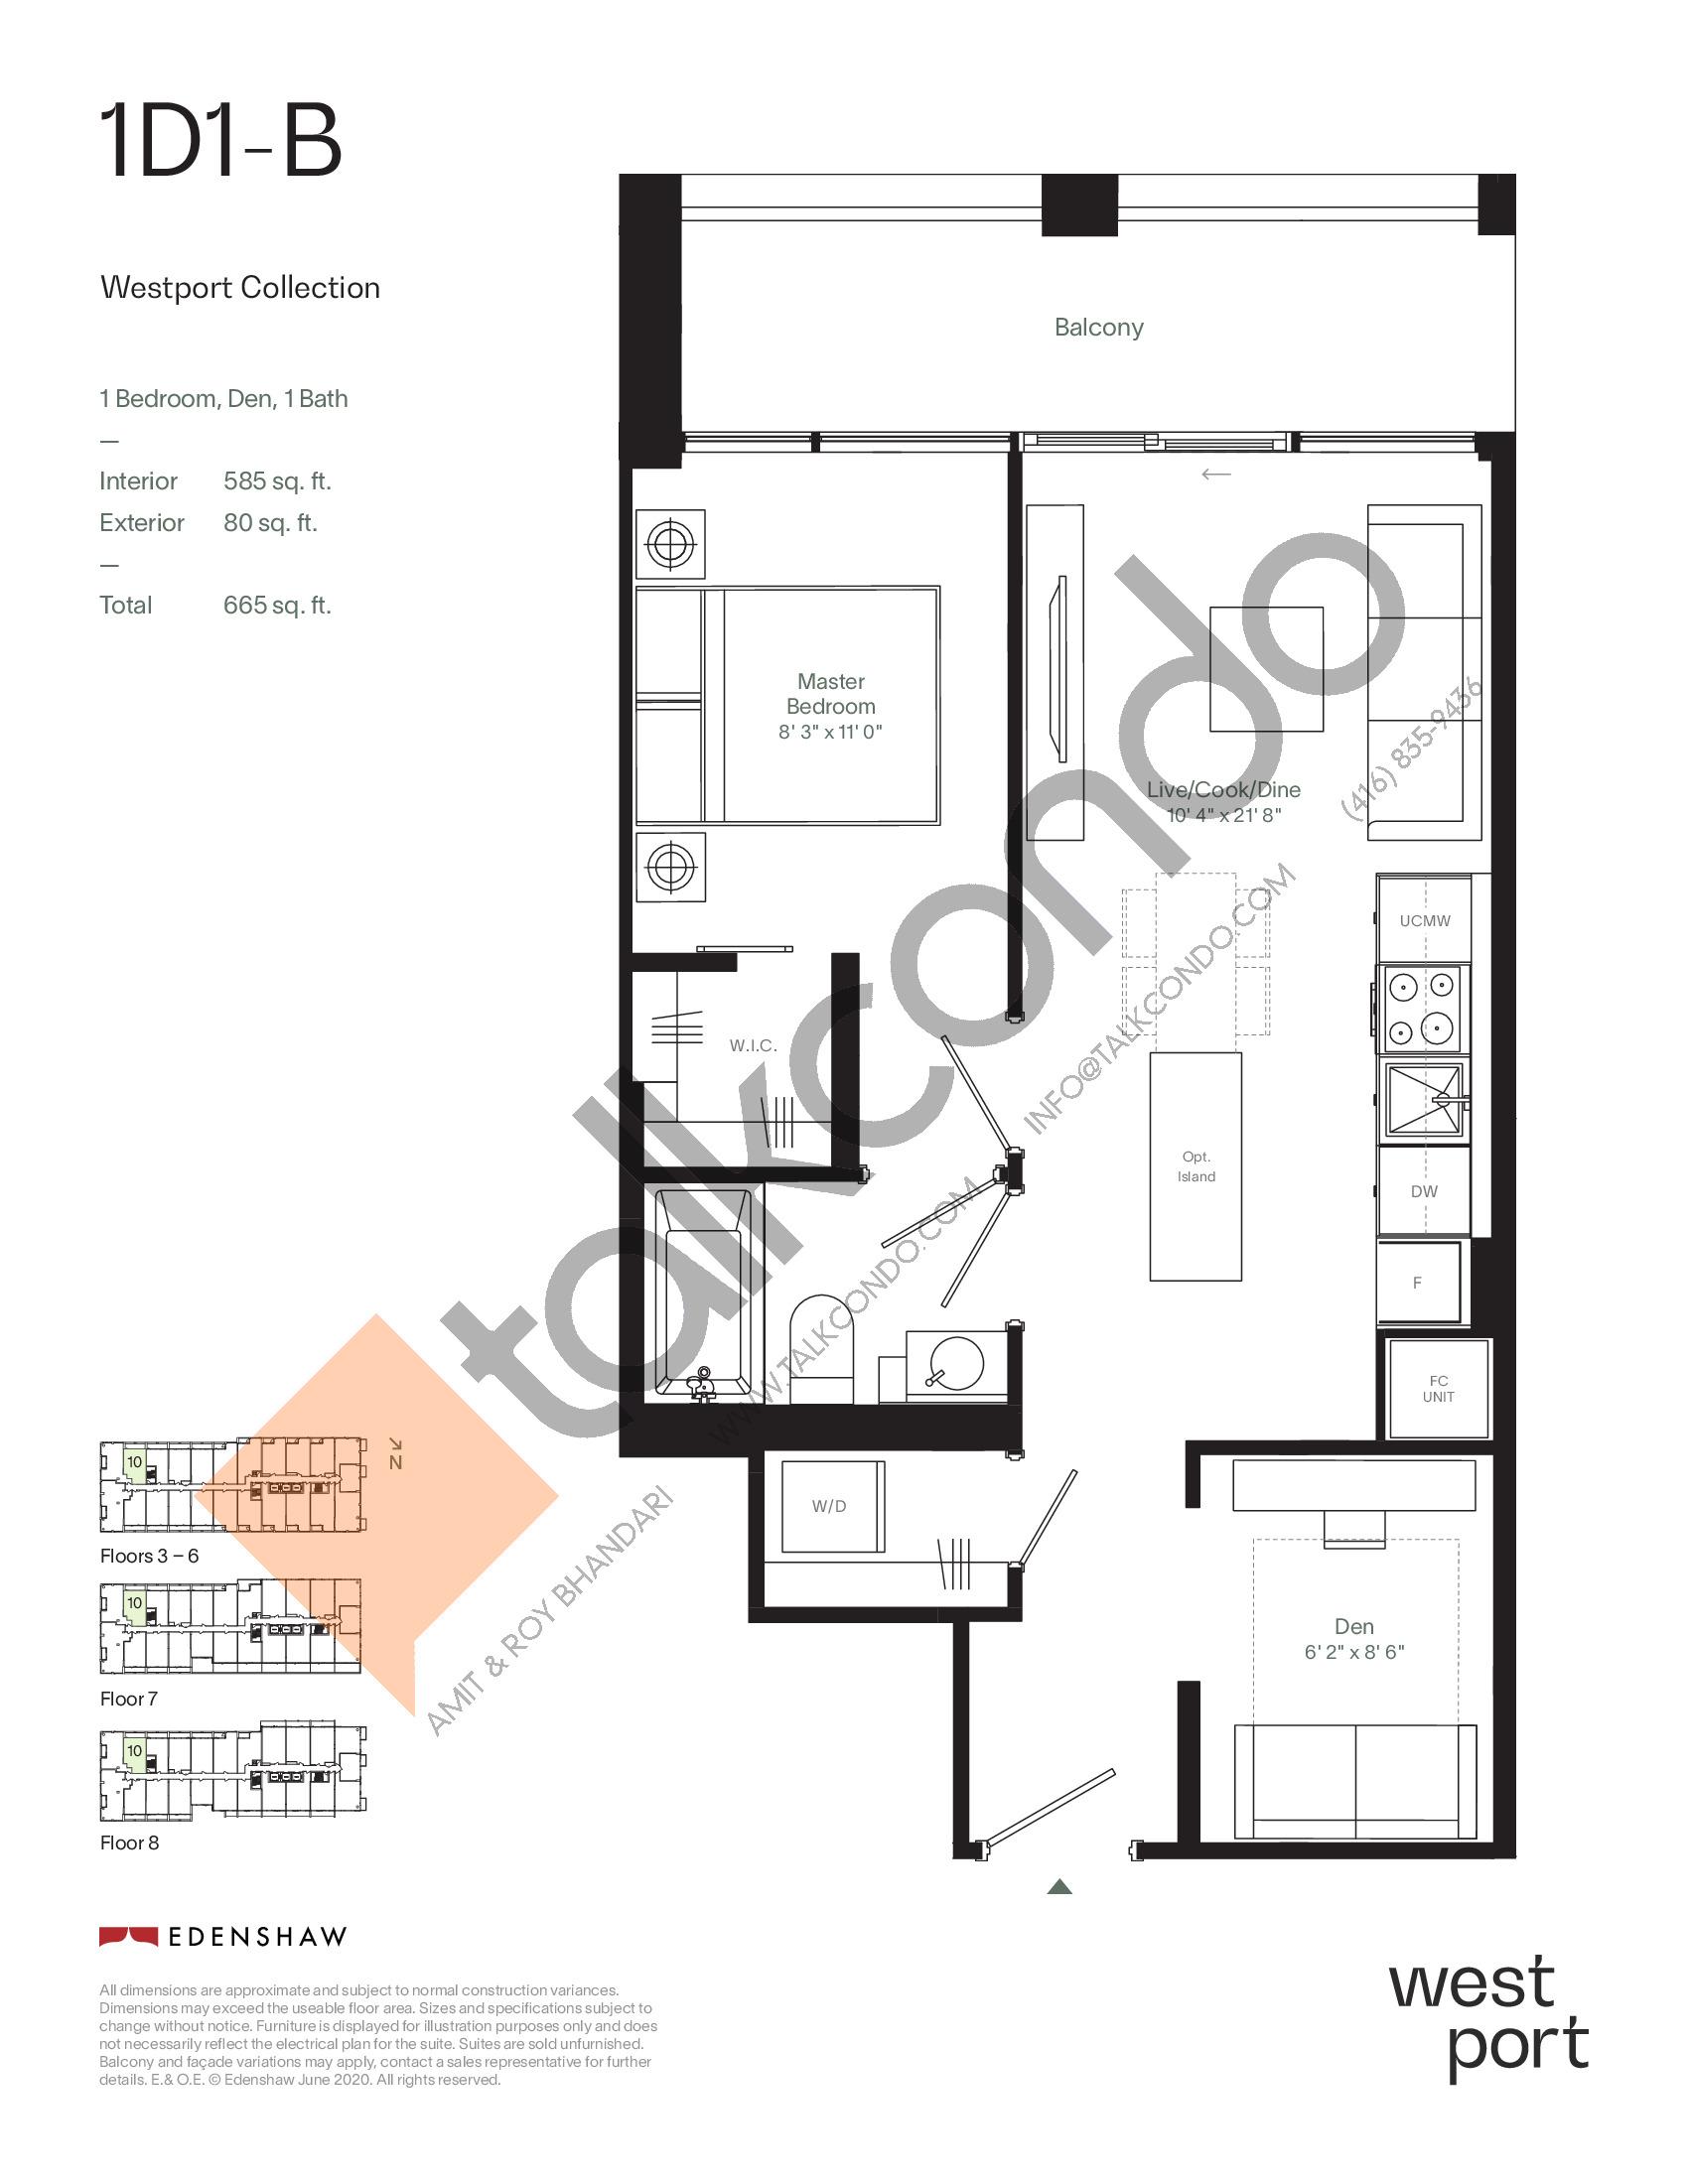 1D1-B - Westport Collection Floor Plan at Westport Condos - 585 sq.ft